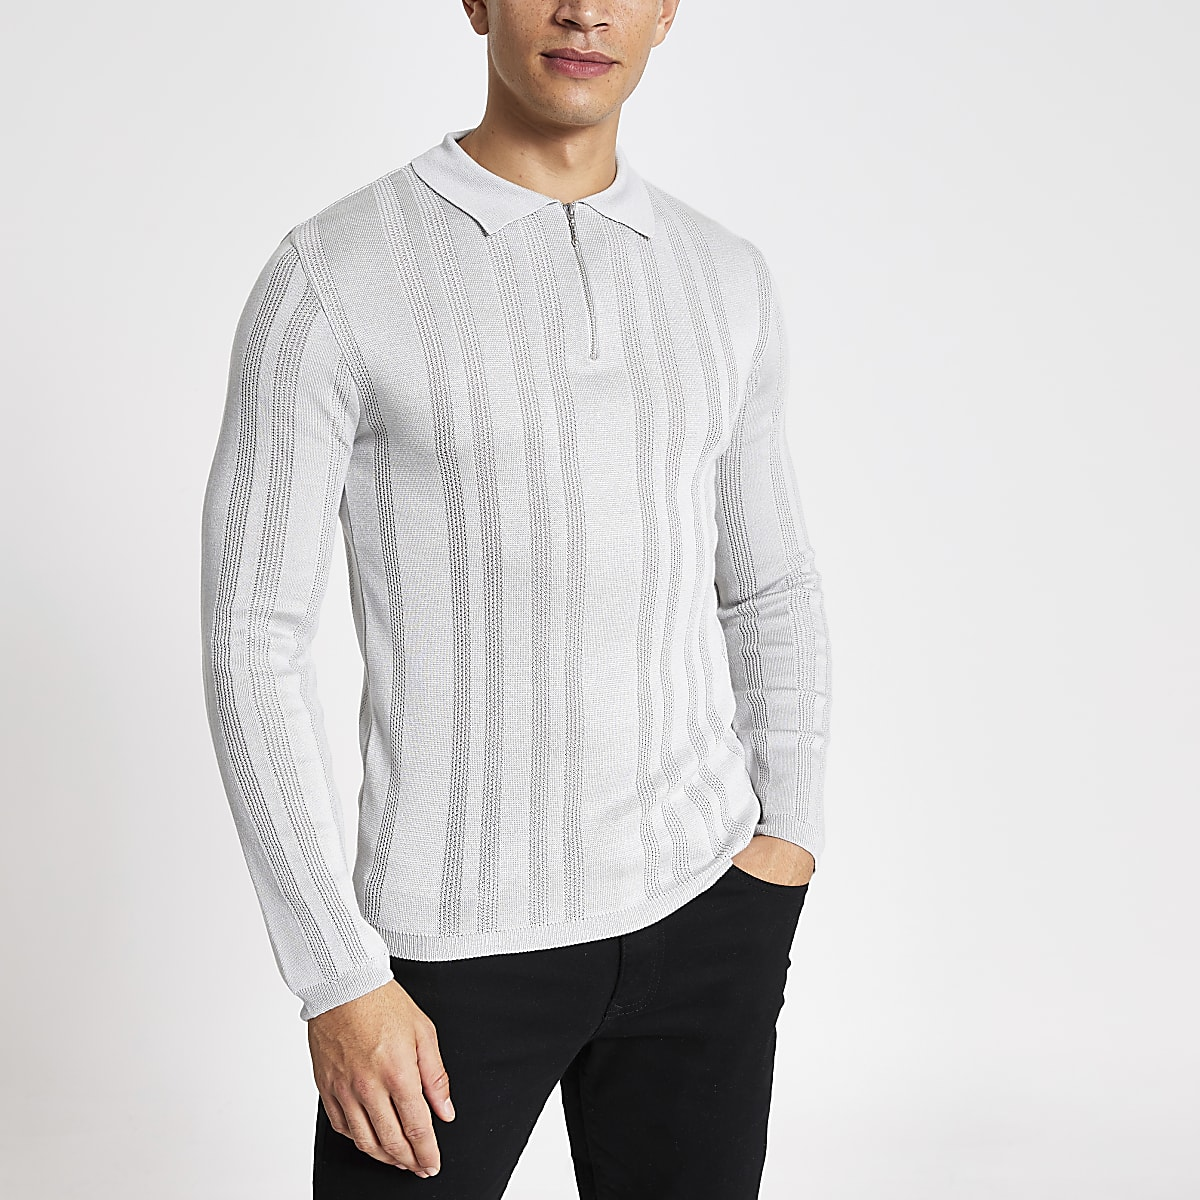 Polo ajusté gris texturé avec col zippé